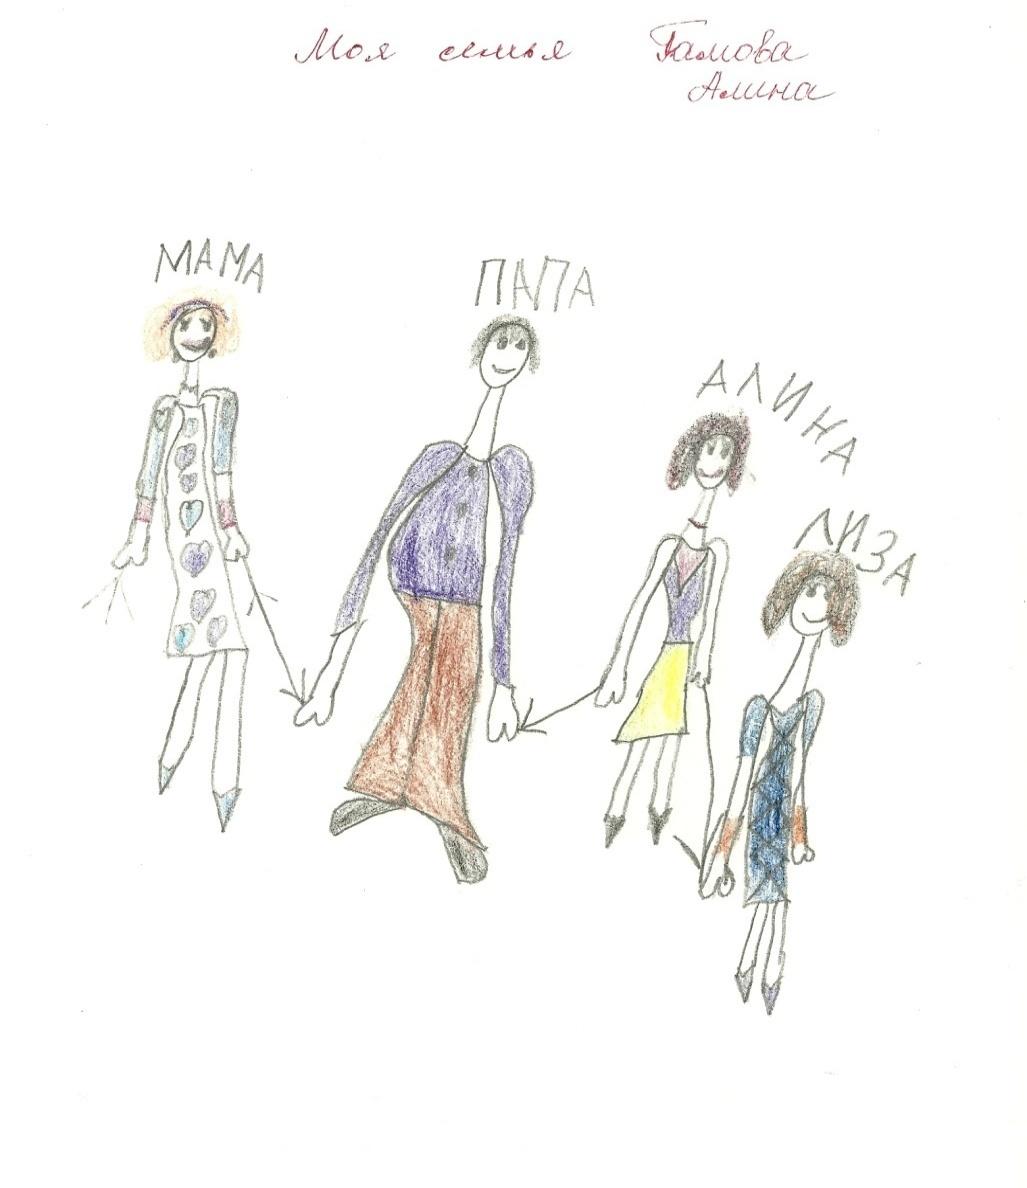 C:\Users\NecroS\Pictures\Мои сканированные изображения\2013-05 (май) Моя семья рисунки детей\сканирование0013.jpg